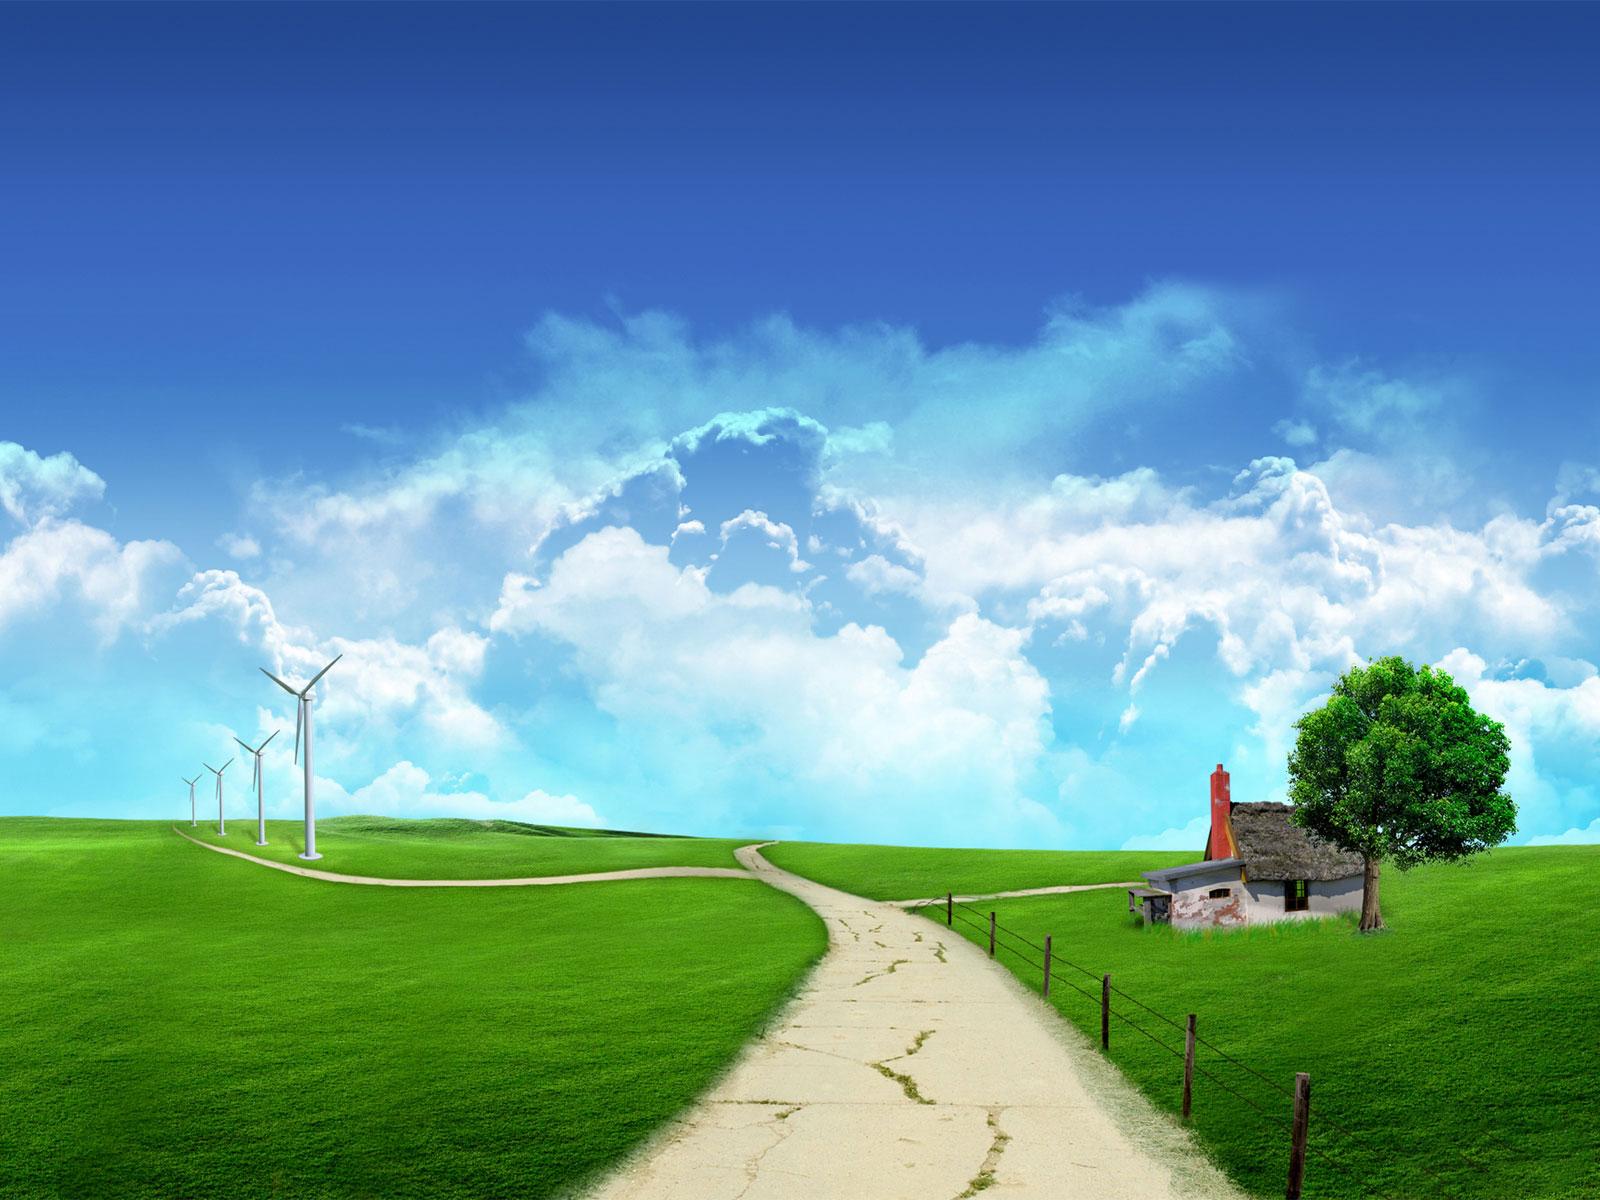 сельская дорога, луг, дерево, домик, скачать фото, обои на рабочий стол